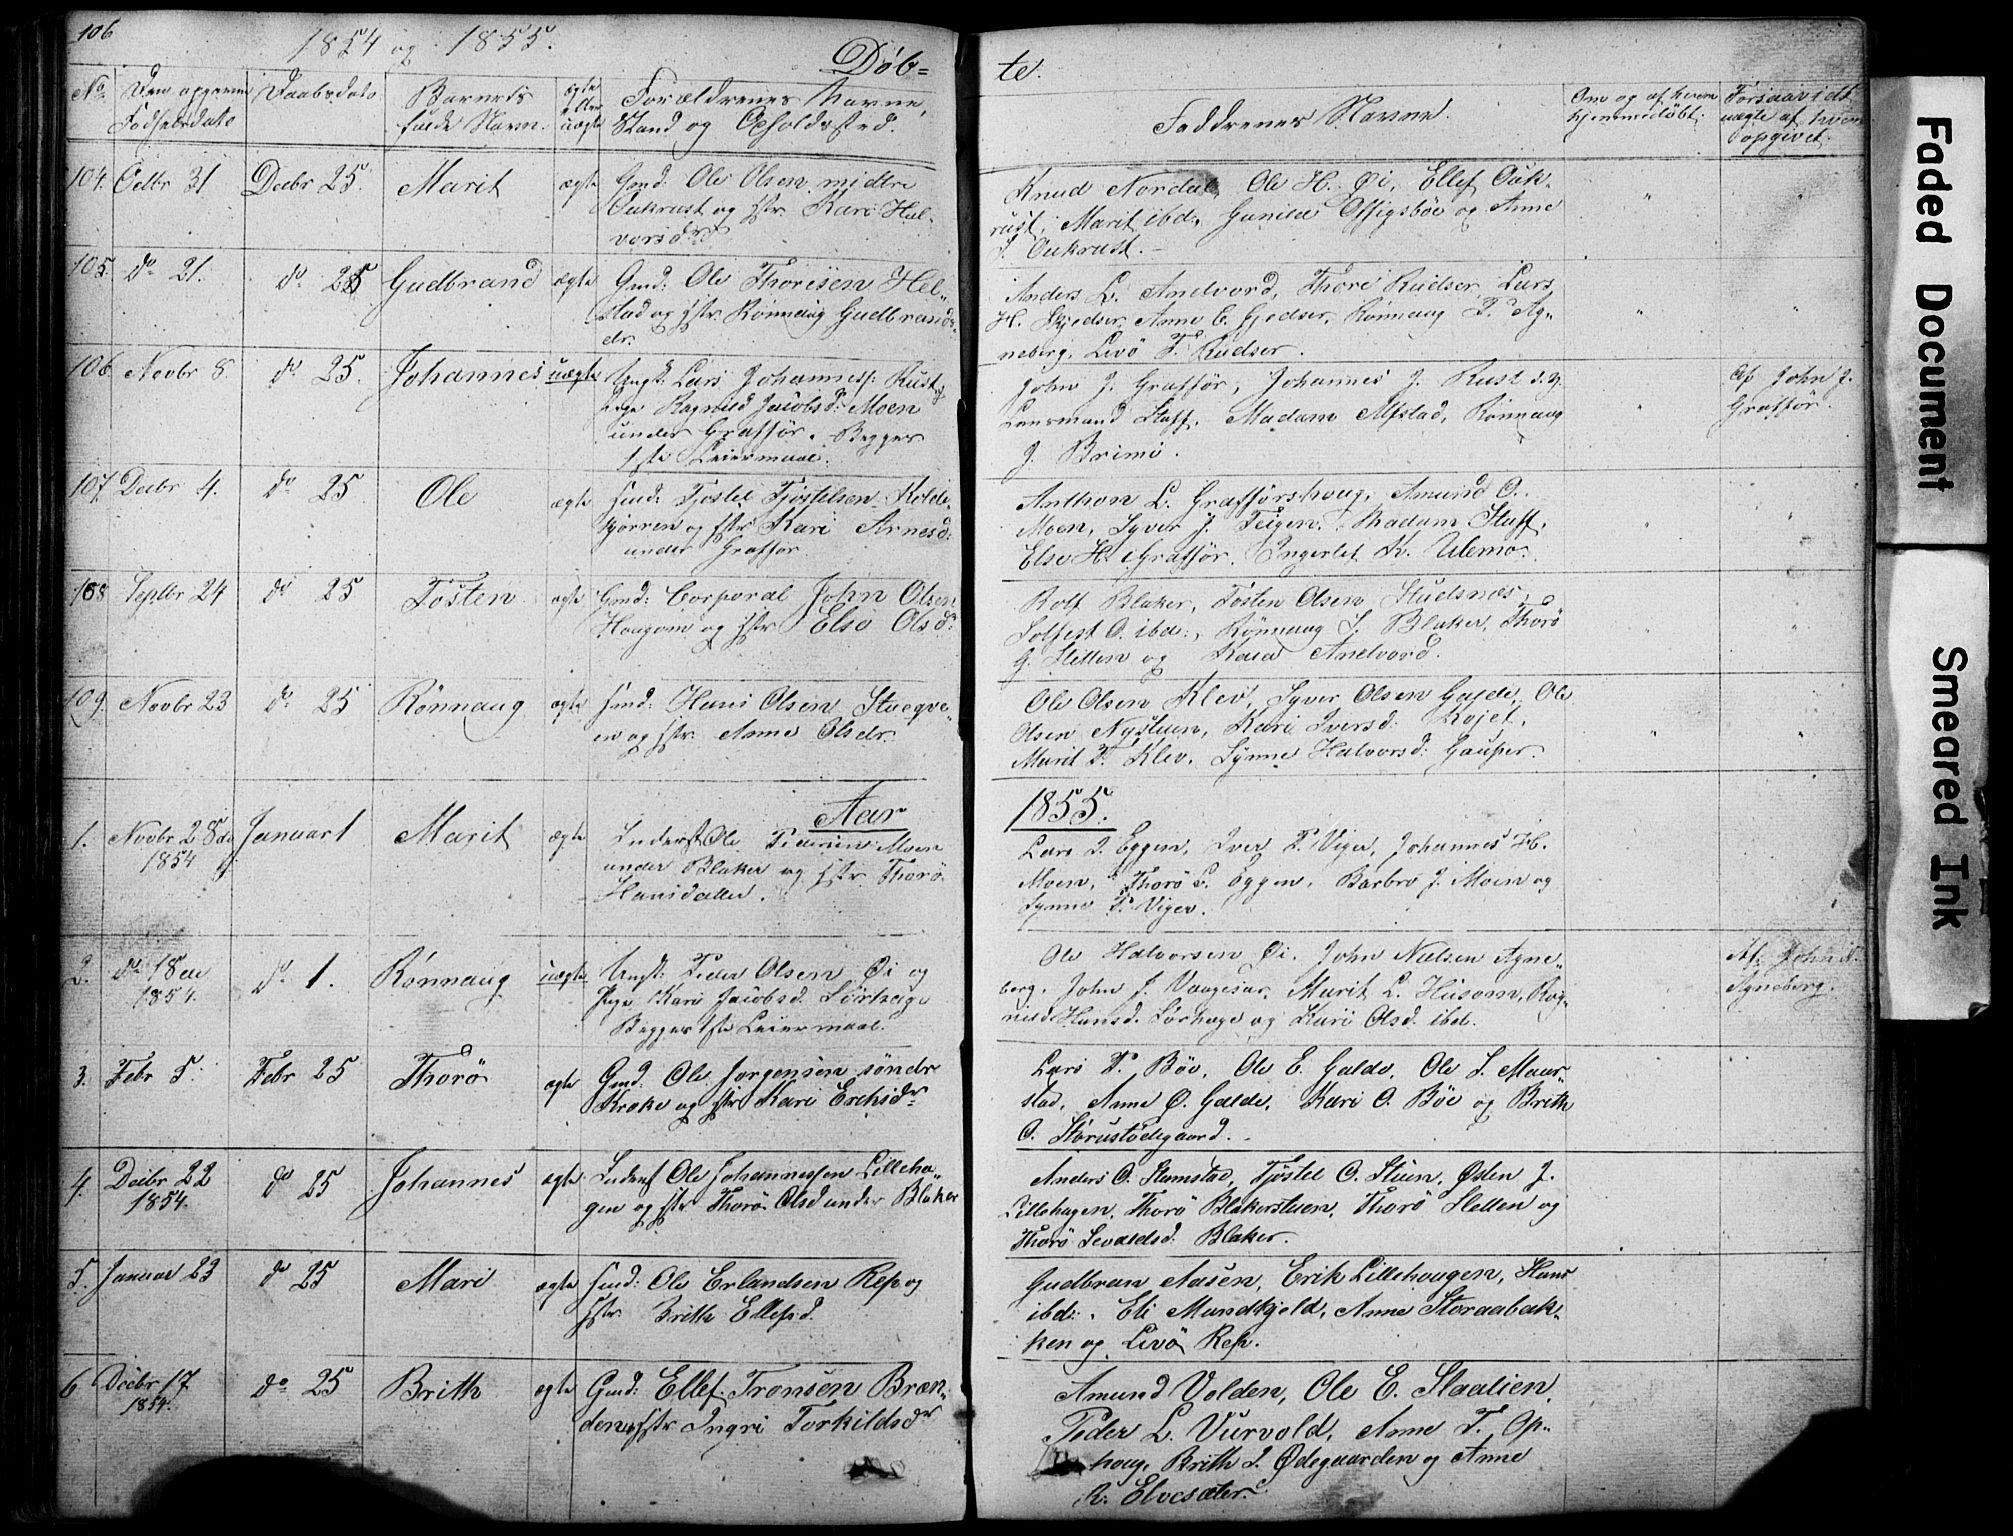 SAH, Lom prestekontor, L/L0012: Klokkerbok nr. 12, 1845-1873, s. 106-107